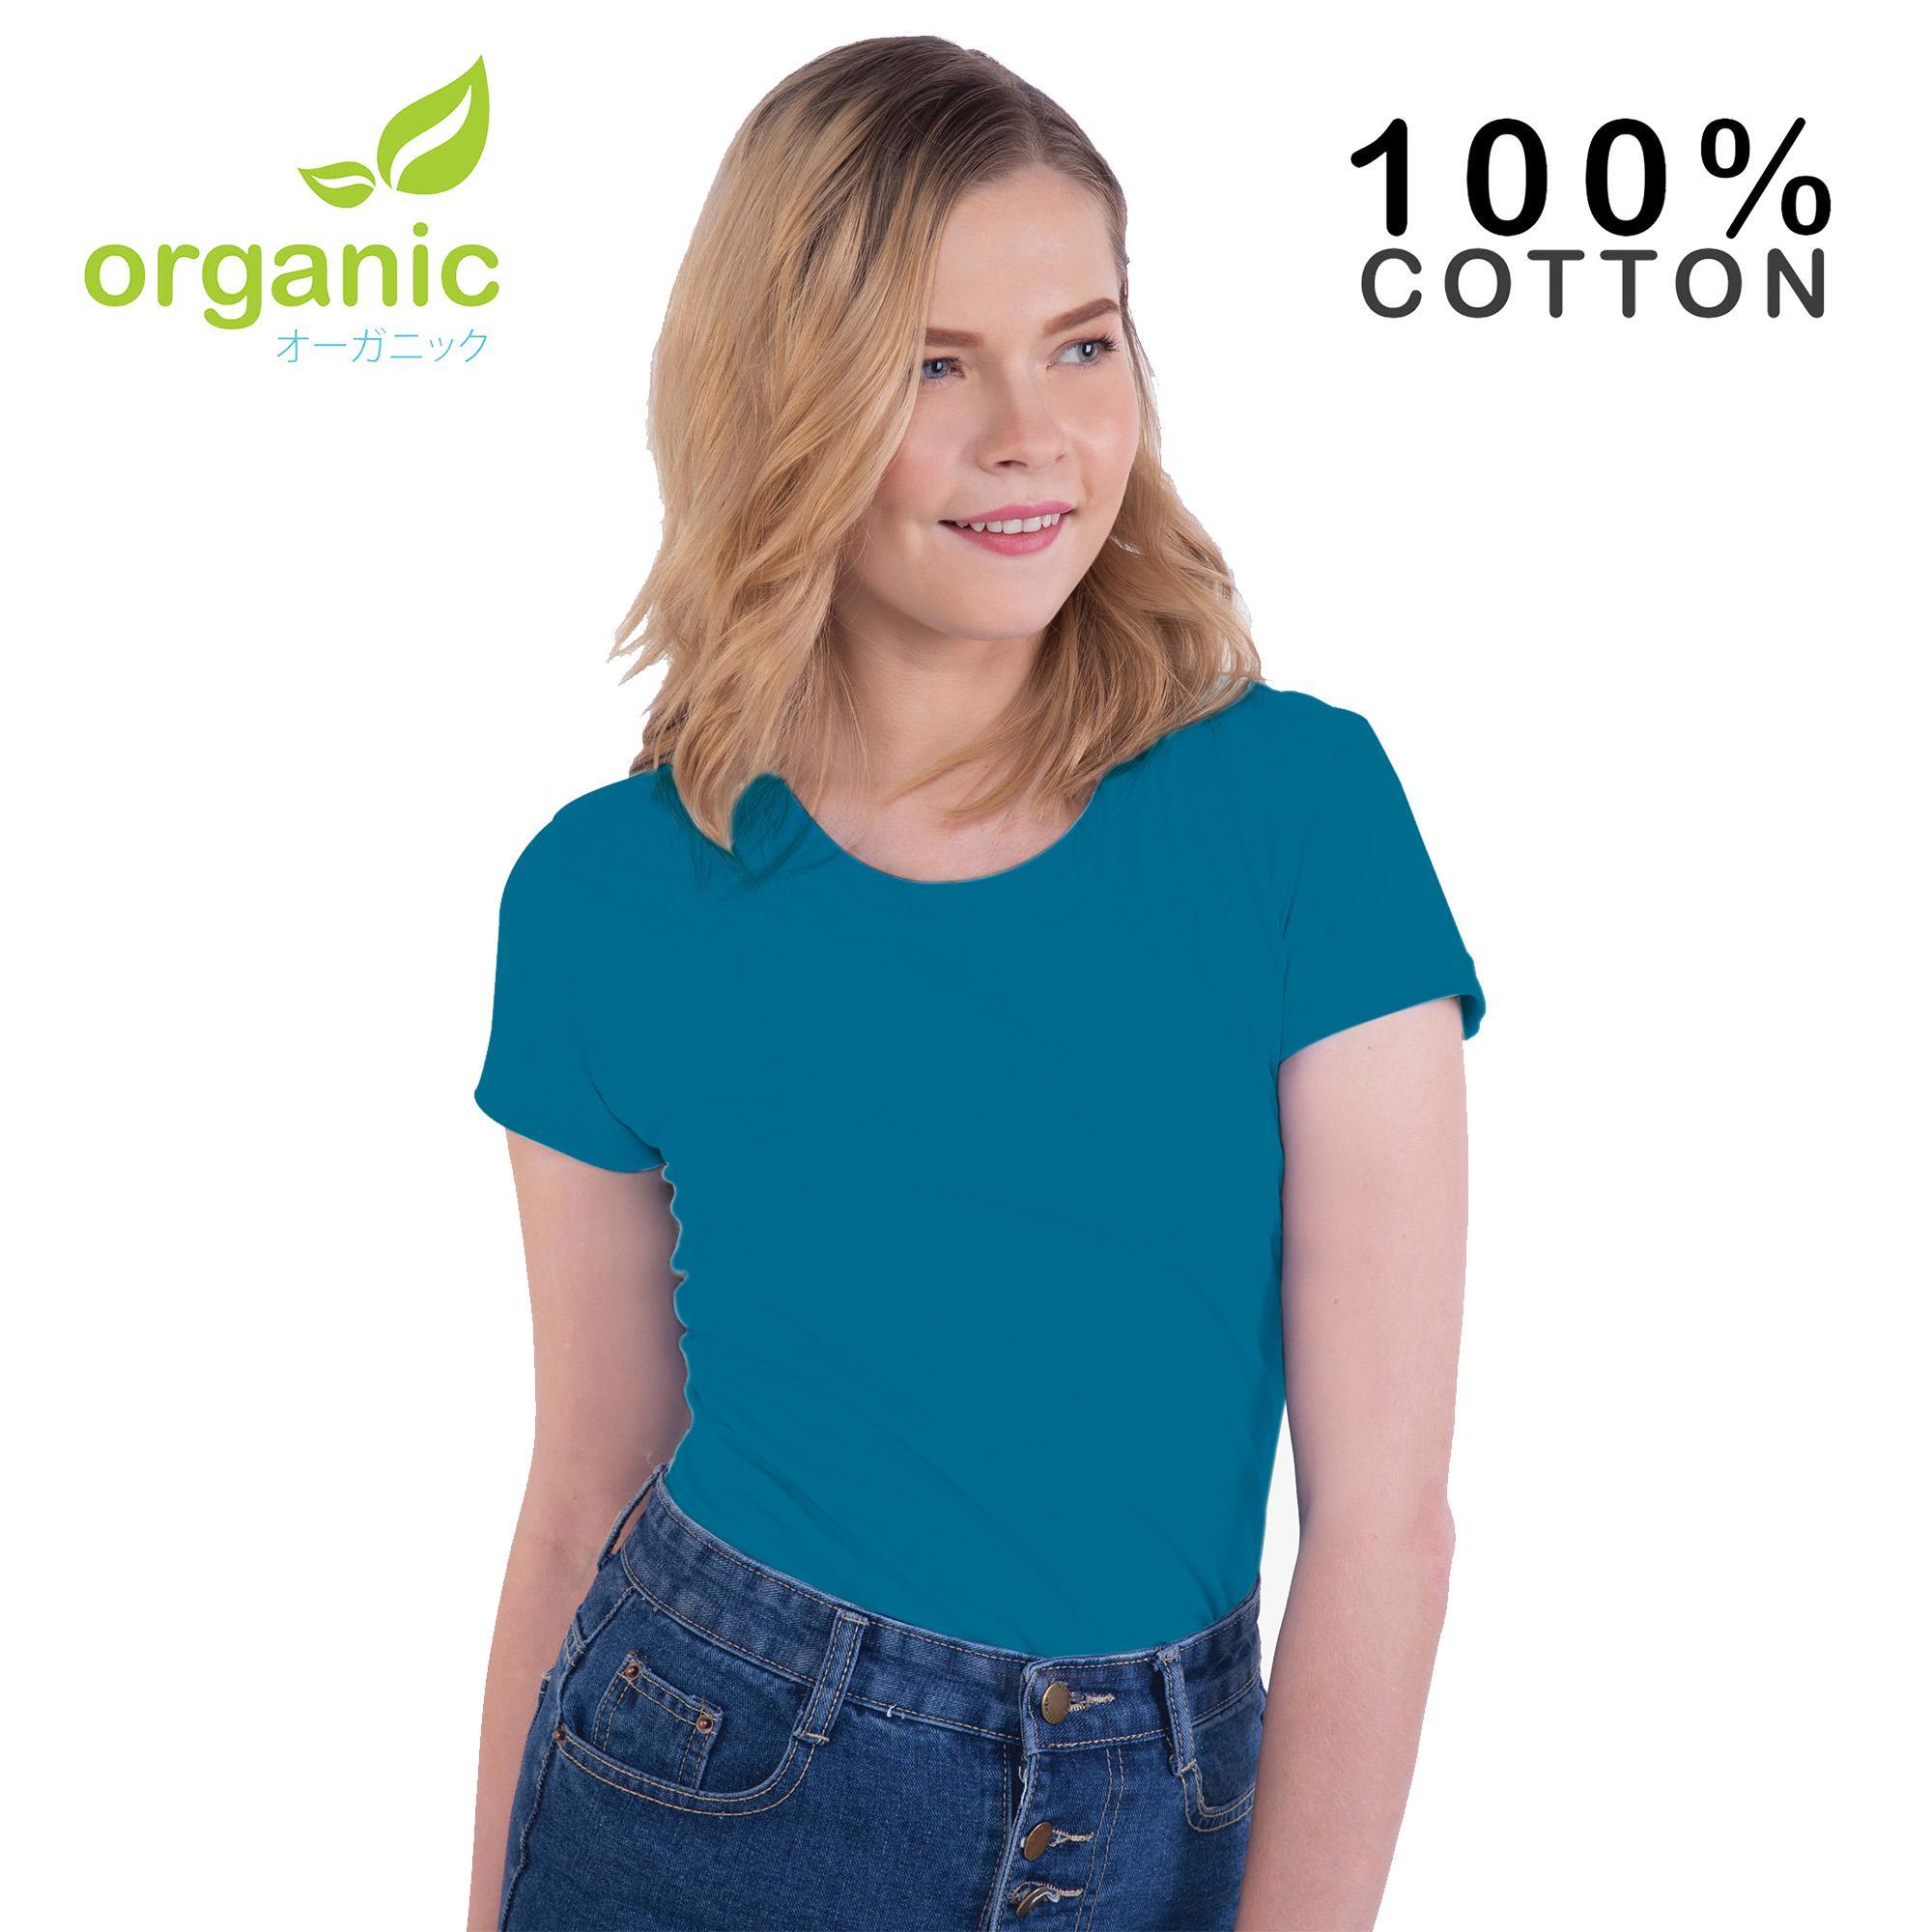 Organic Ladies 100% Cotton Round Neck Fashionable Tees t shirt tshirt  shirts tshirts blouse tops 6356ca8342